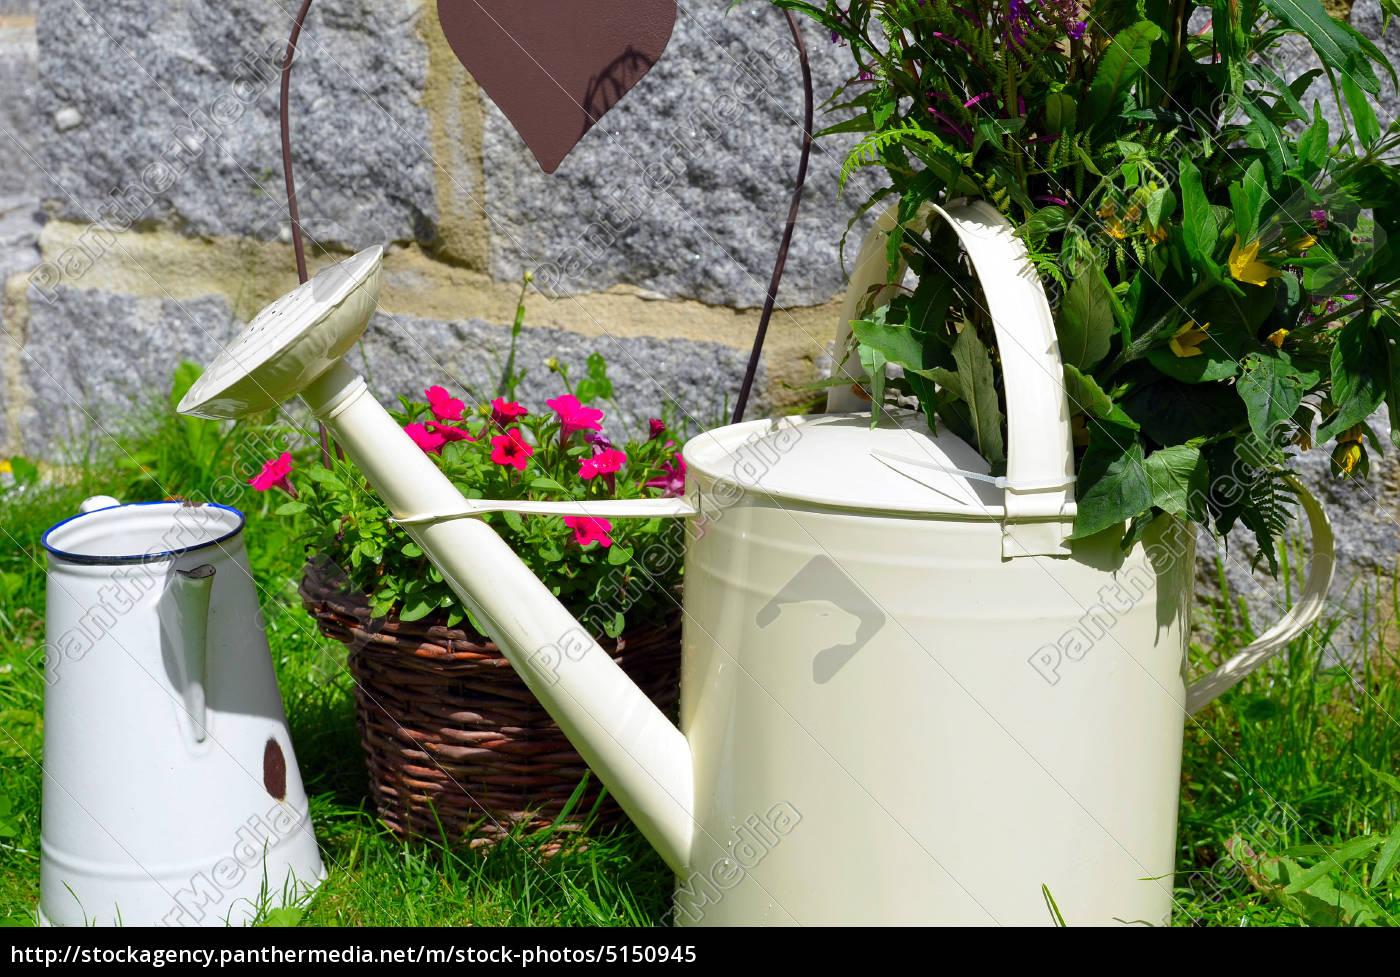 Garten Dekoration Kanne Blumen Lizenzfreies Bild 5150945